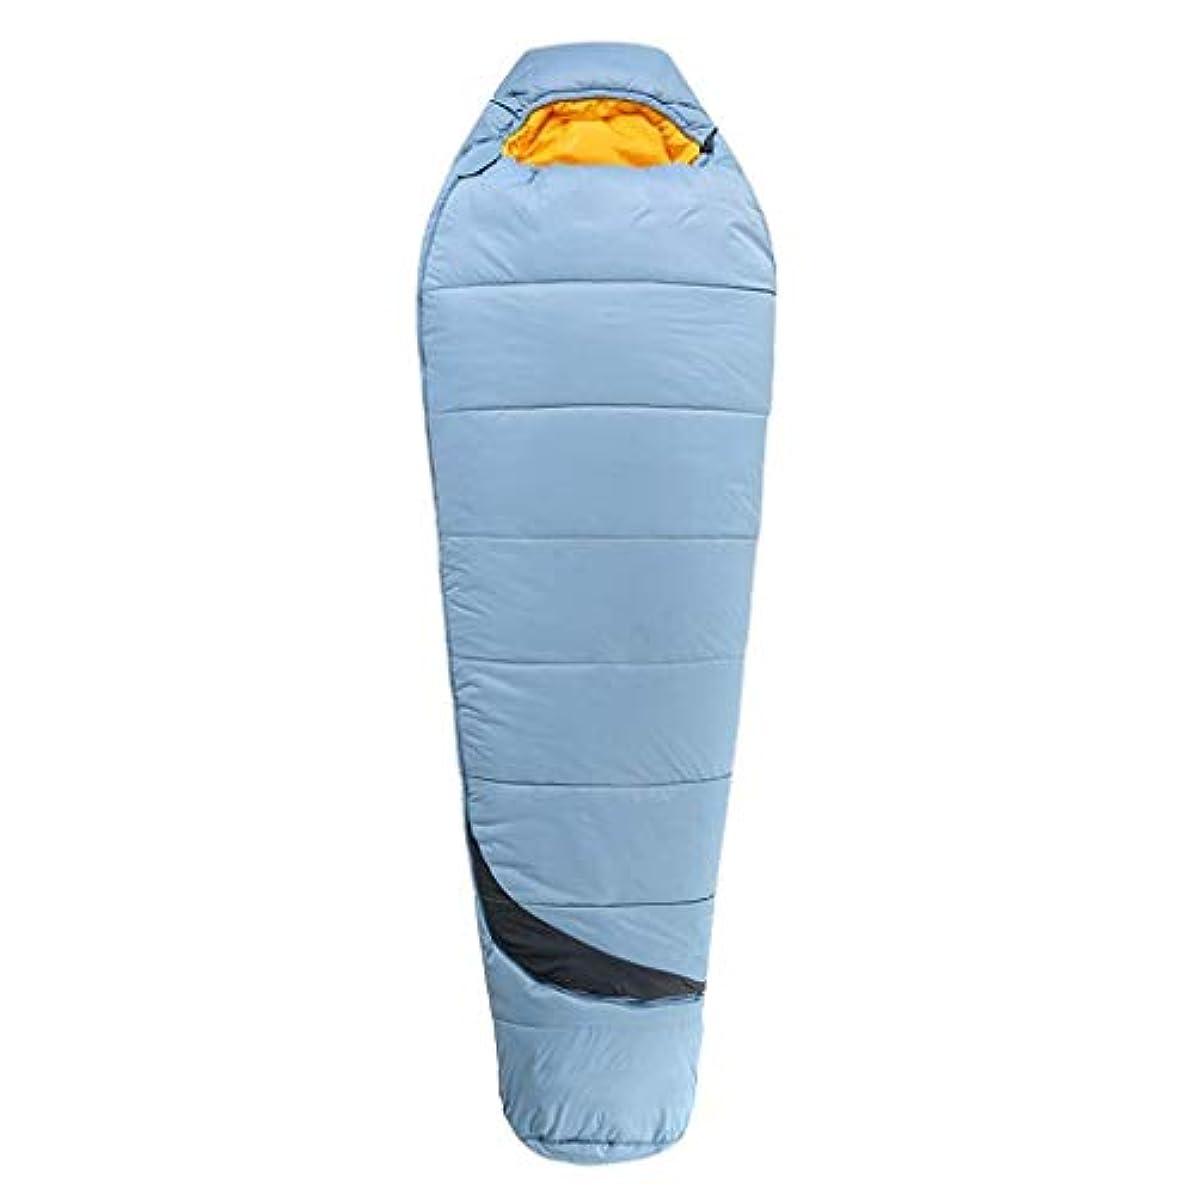 贅沢な通常心のこもった大人のミイラの寝袋暖かい軽量4シーズンスリーピングマットキャンプ旅行ハイキング登山屋内野外活動青(色:A)